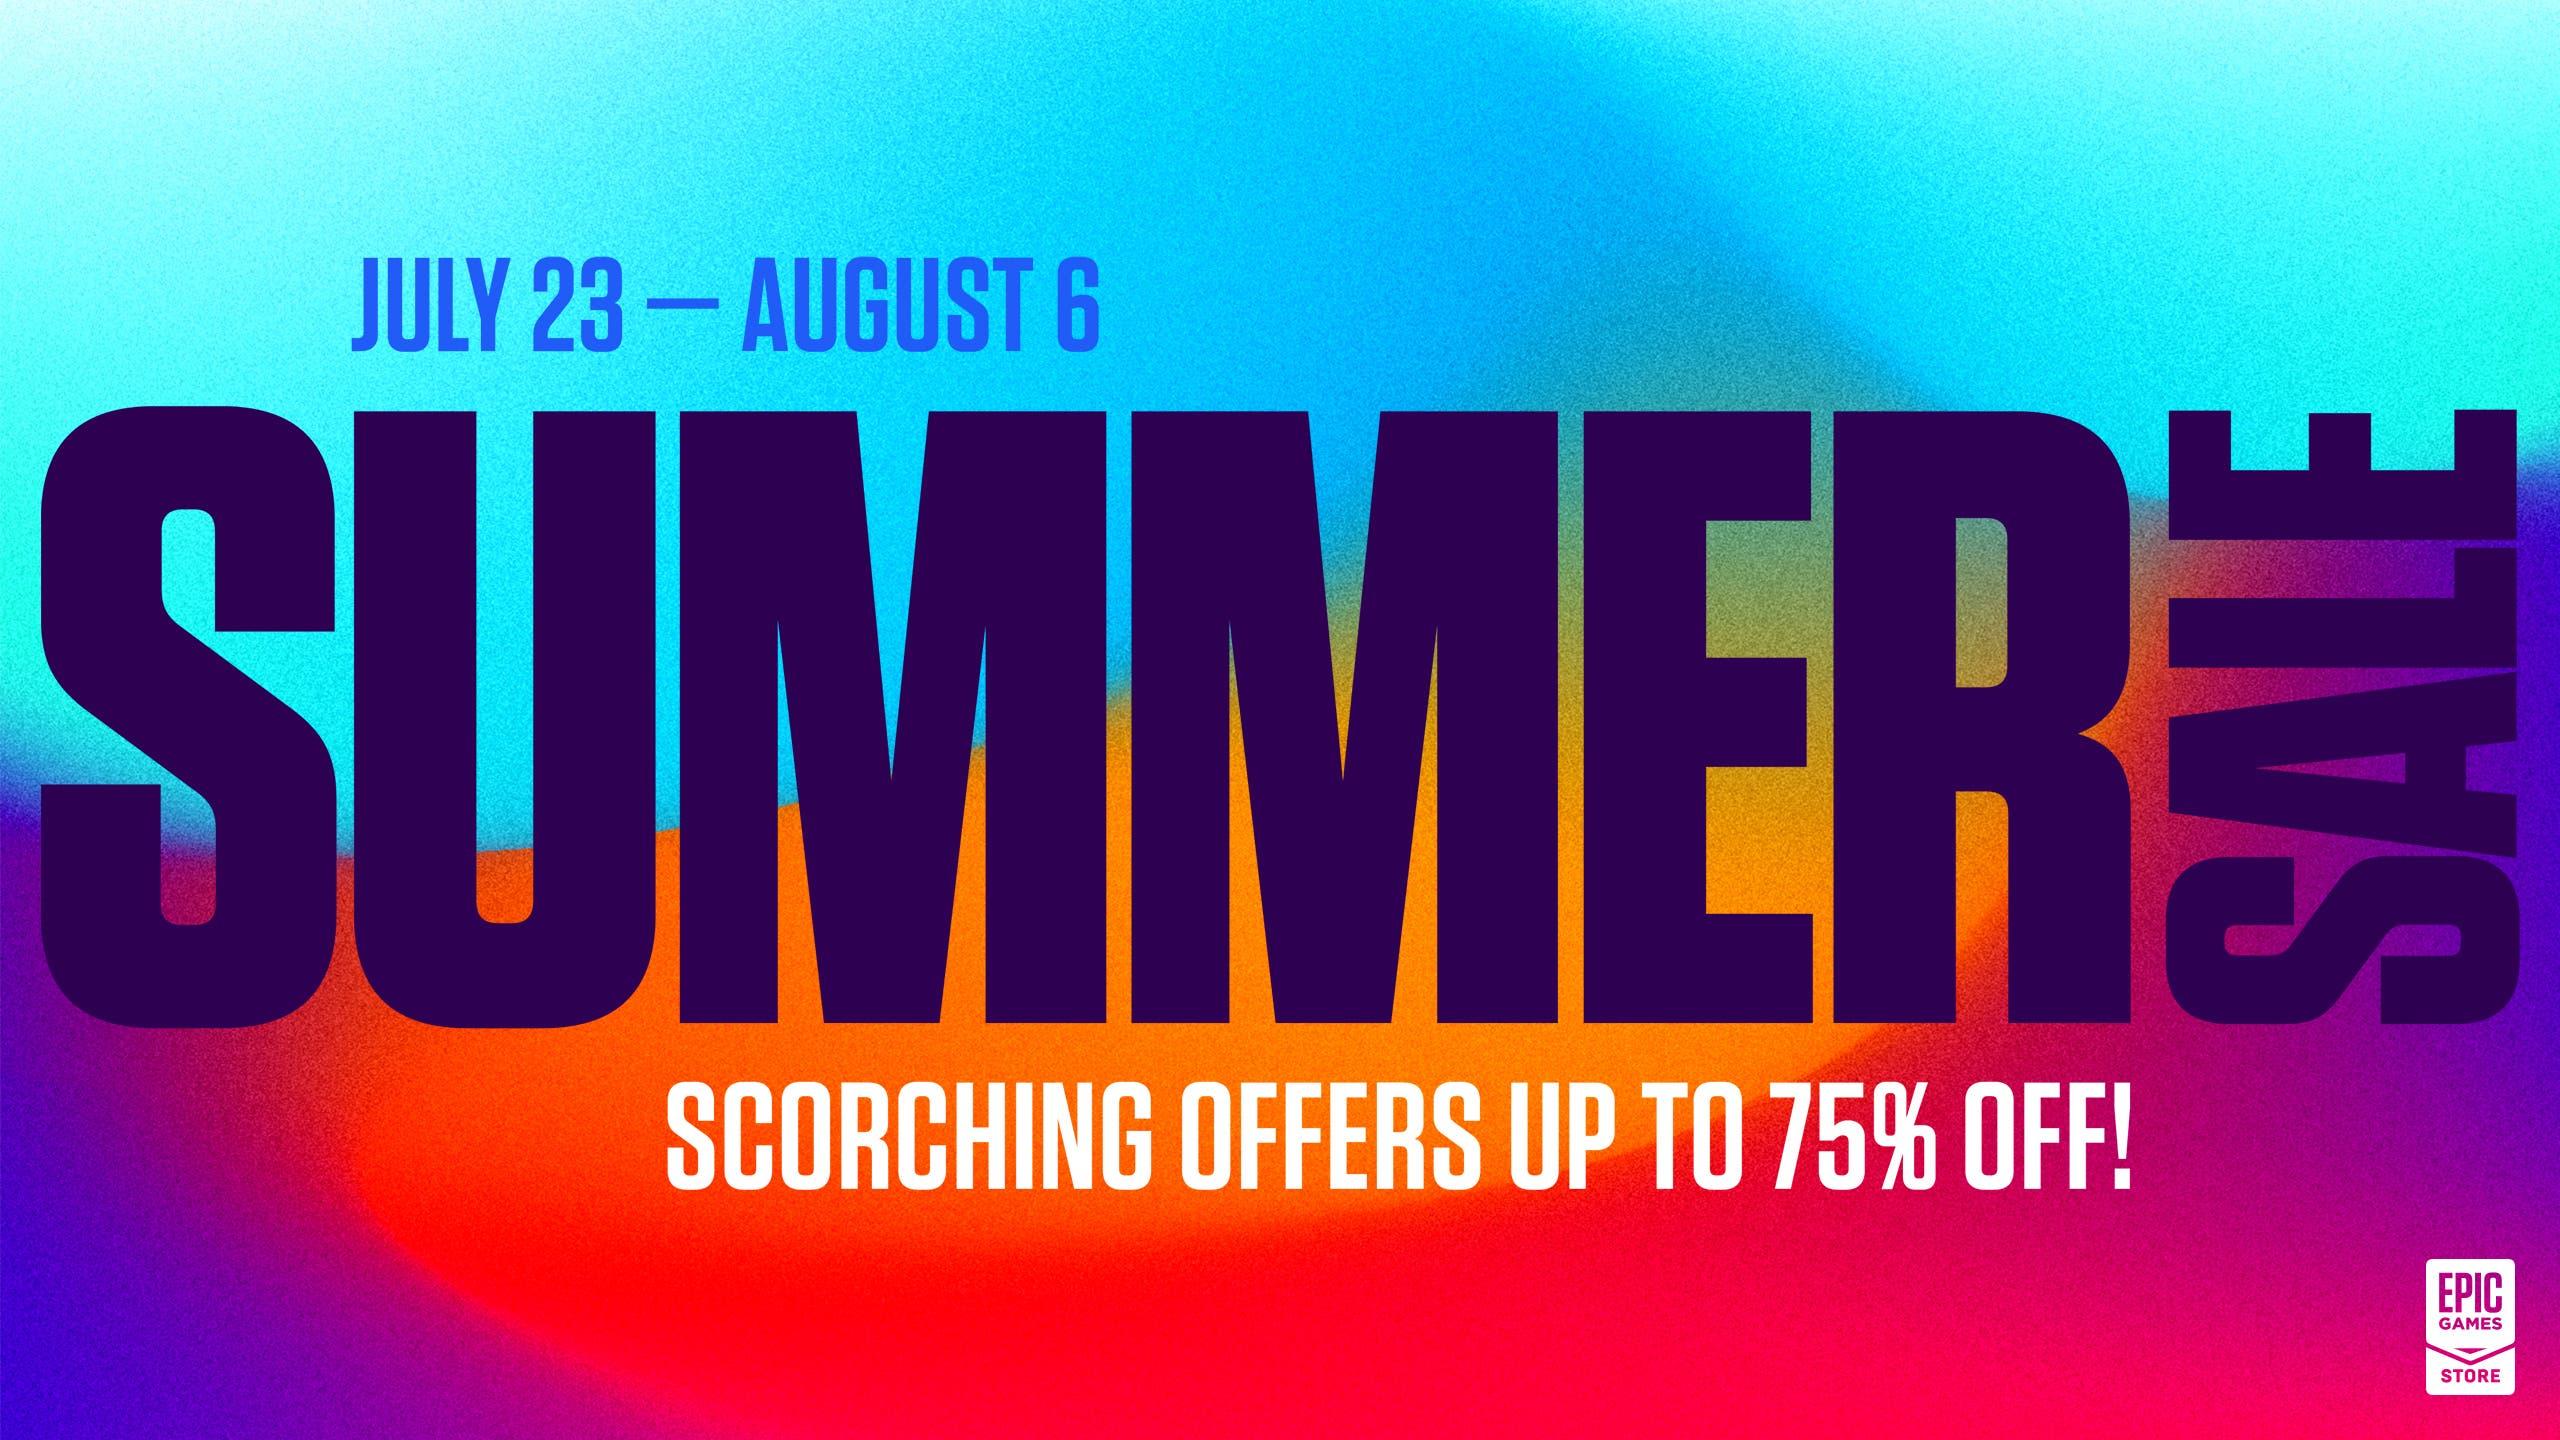 EN EGS SummerSale Store 2560x1440